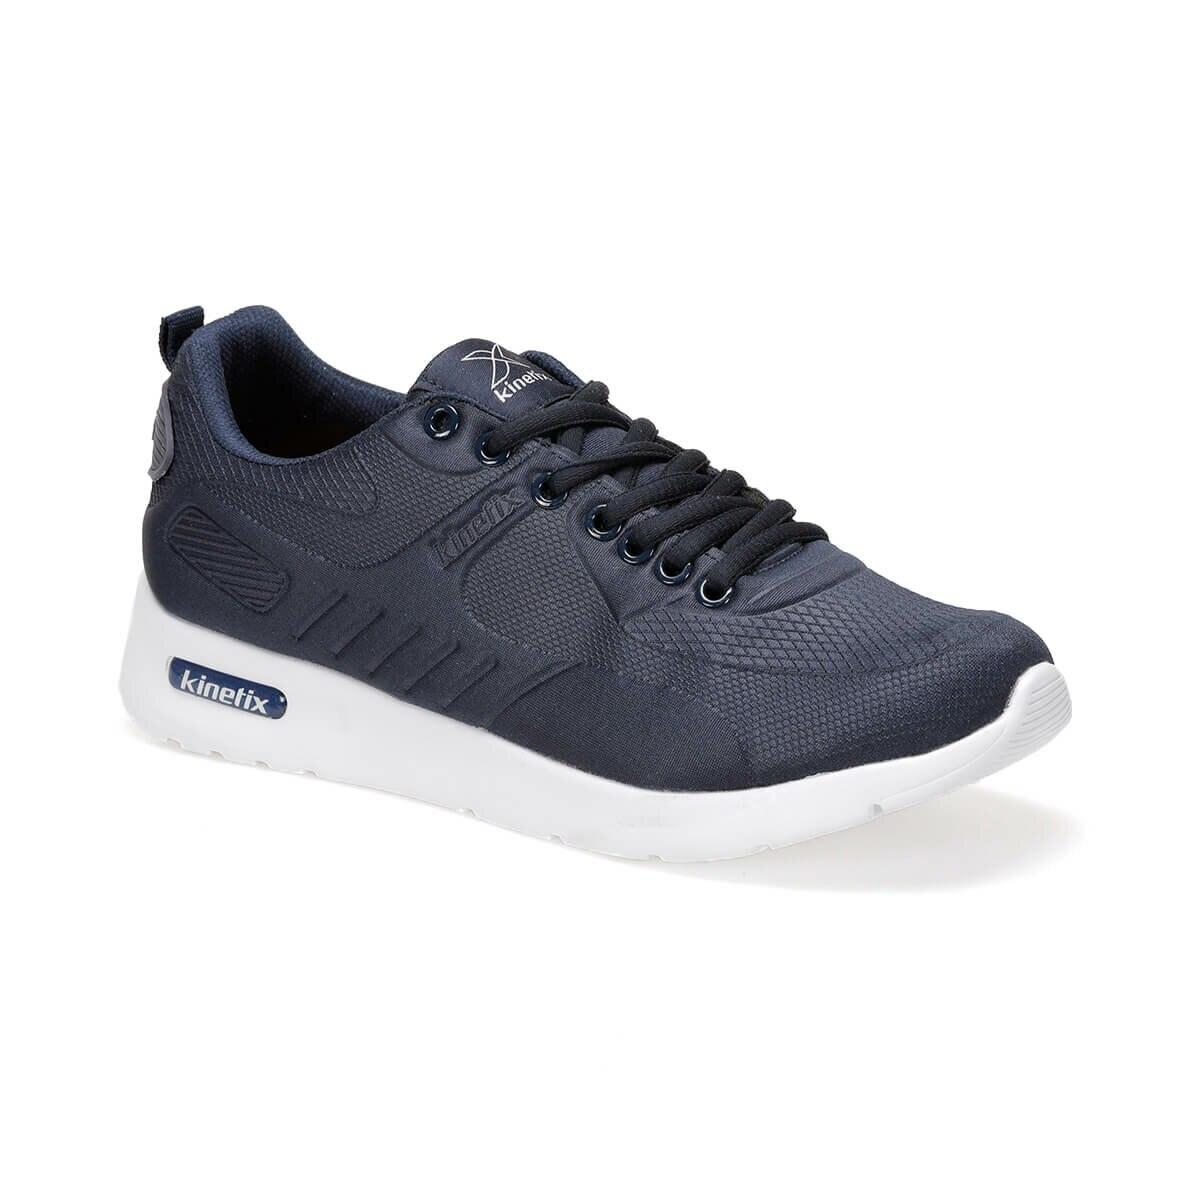 FLO NINA MESH M 9PR Navy Blue Men 'S Shoes KINETIX